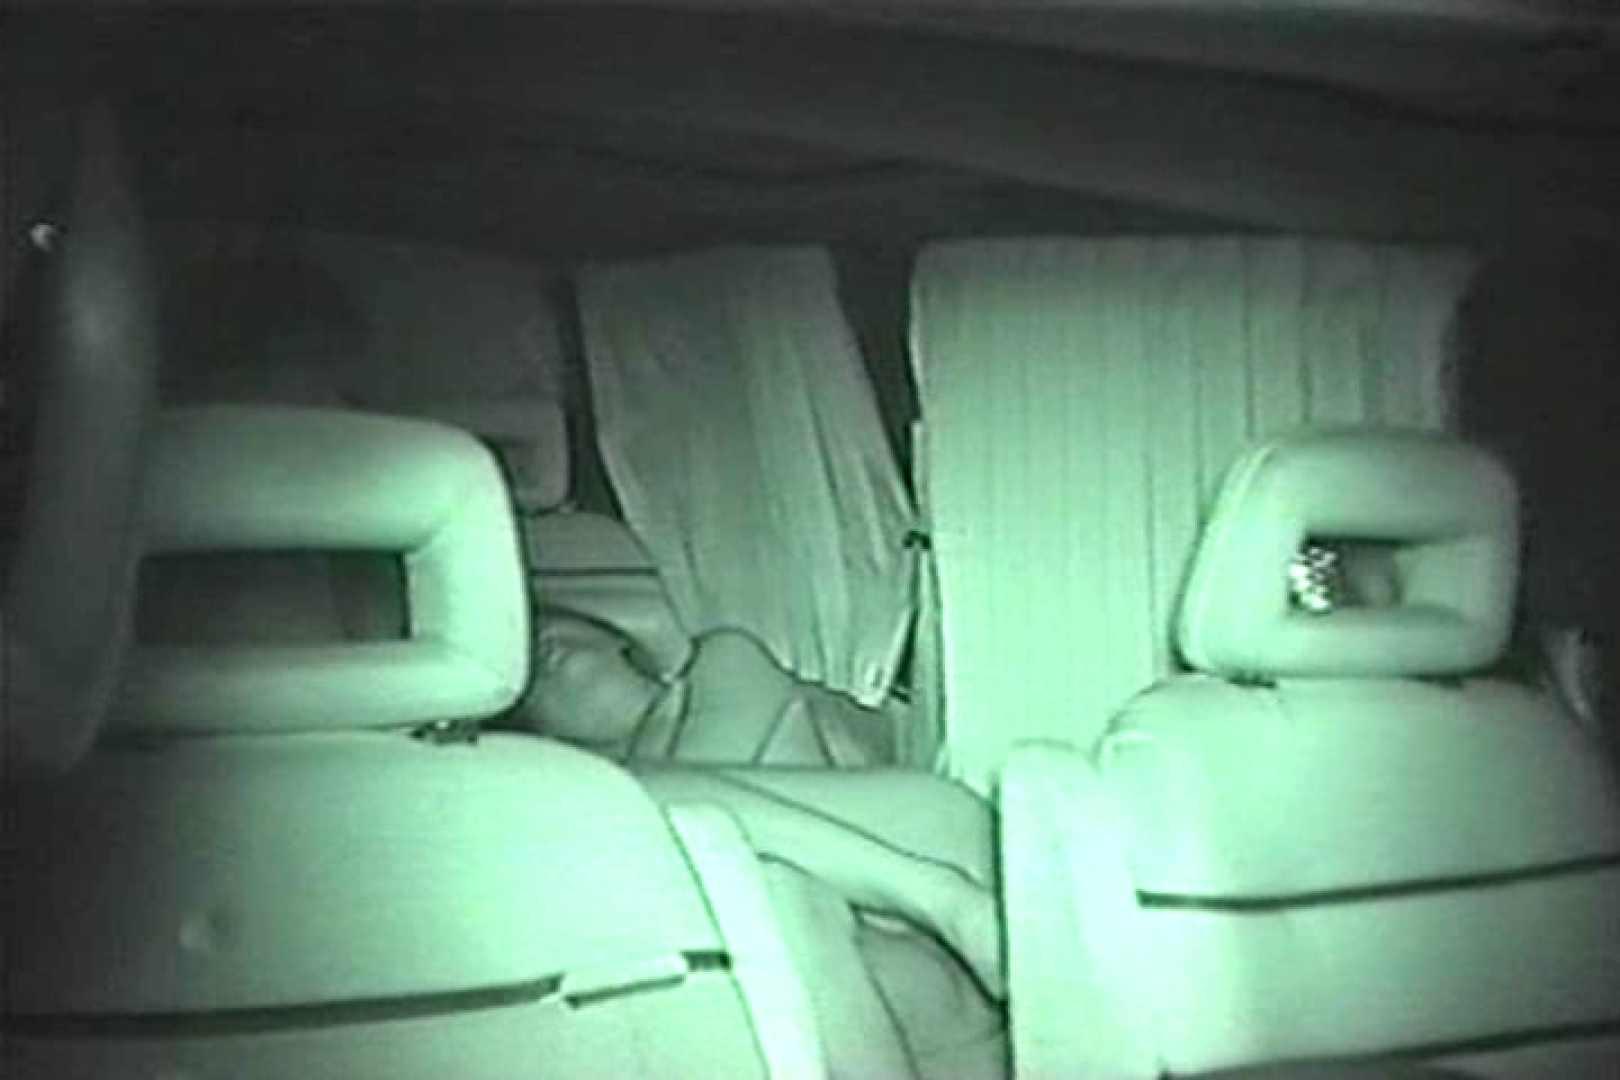 MASAさんの待ち伏せ撮り! 赤外線カーセックスVol.3 盗撮 おまんこ無修正動画無料 72PIX 2